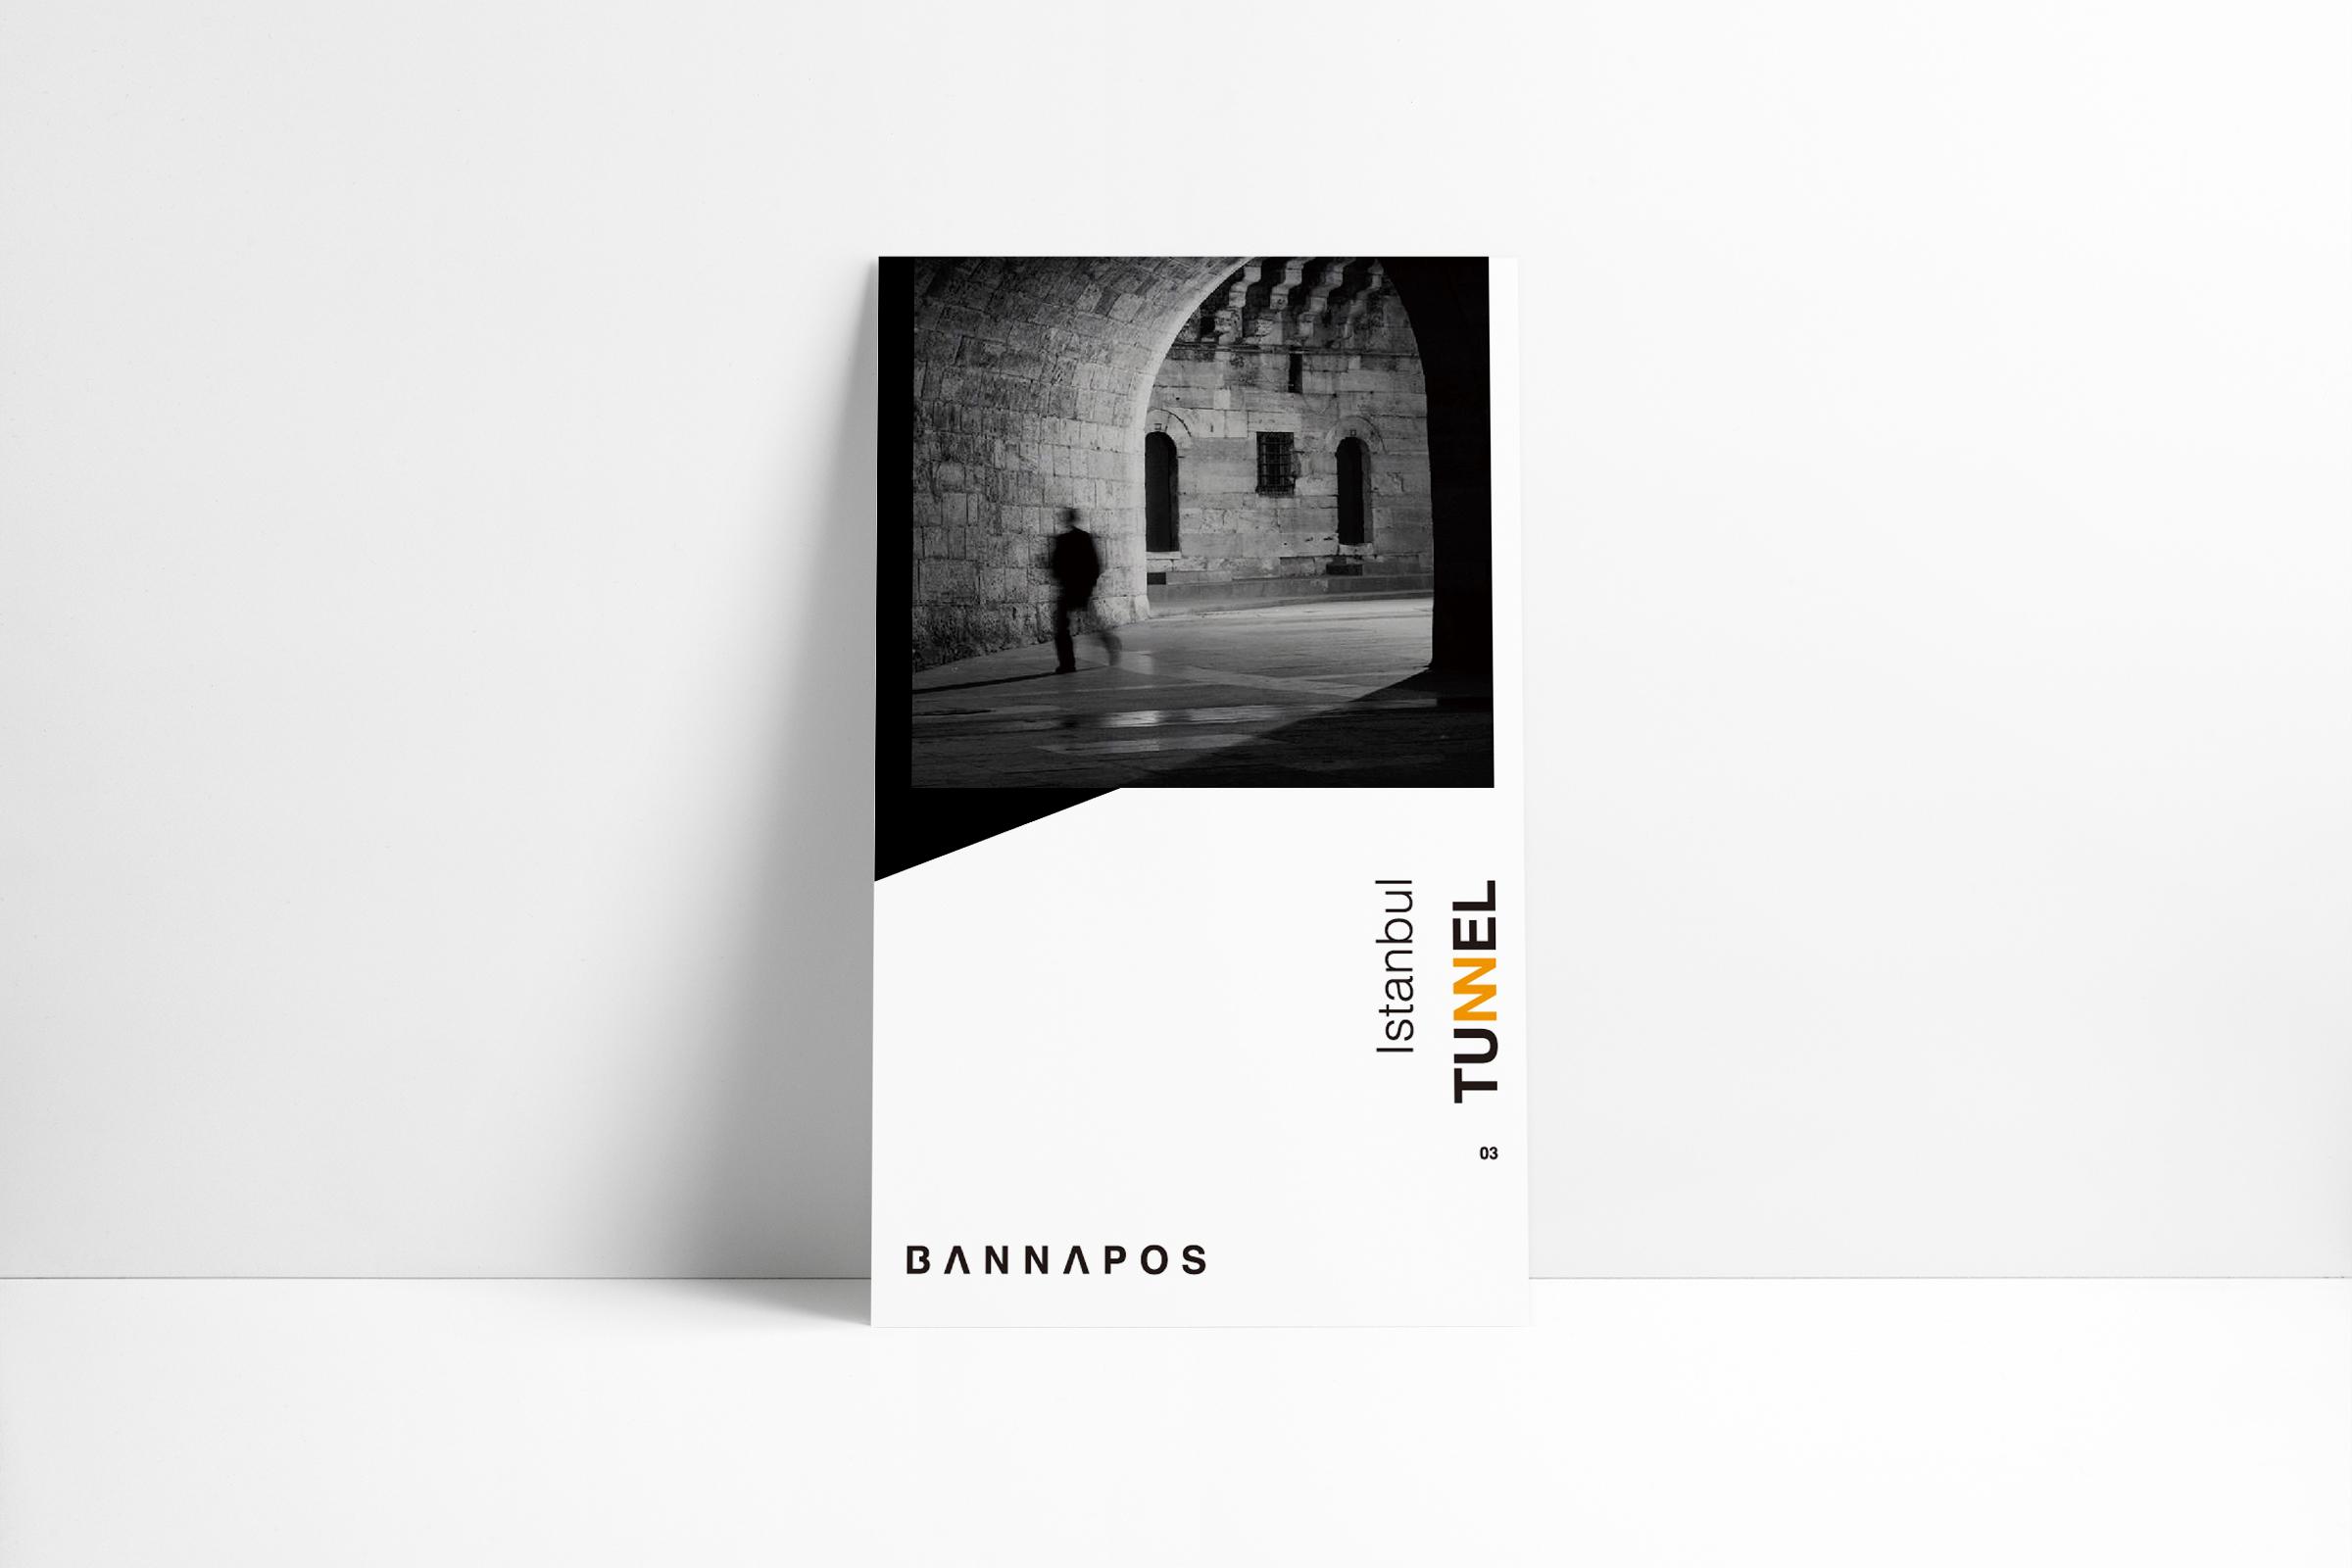 BANNAPOS03